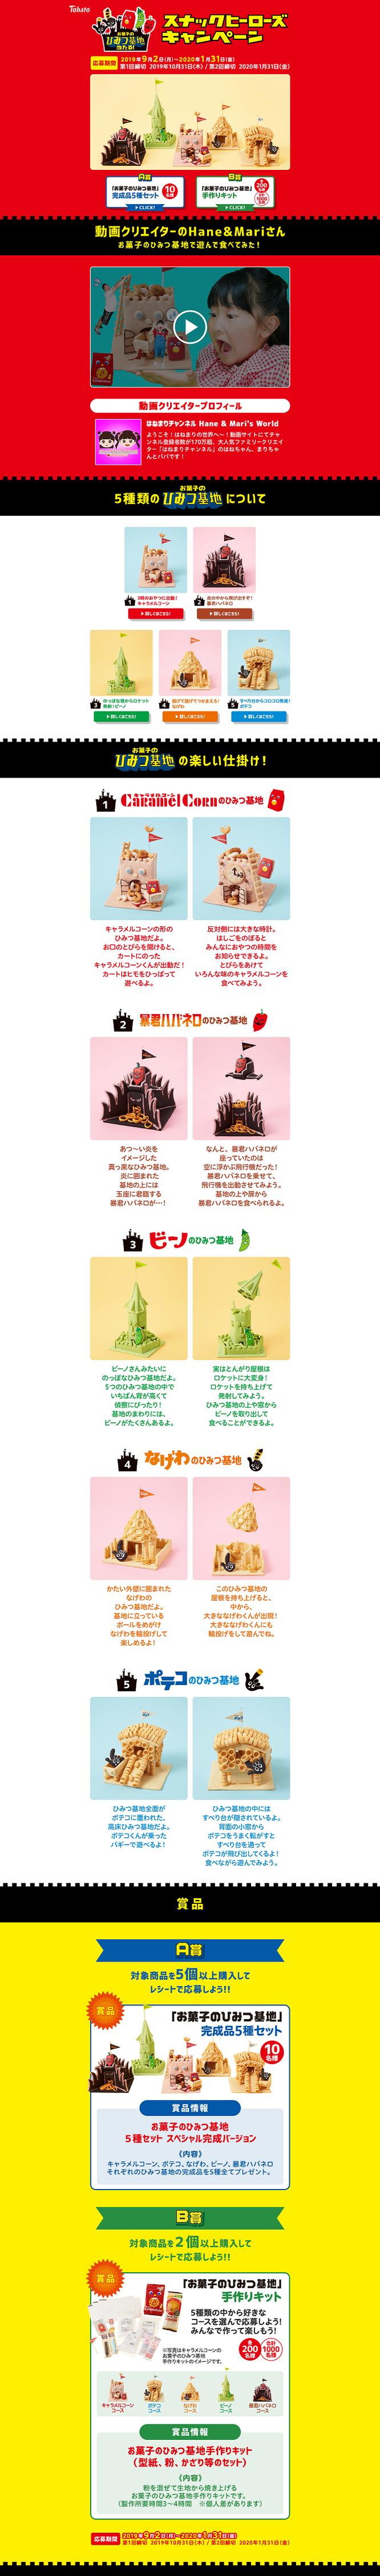 【東ハト】スナックヒーローズお菓子のひみつ基地当たる!キャンペーン